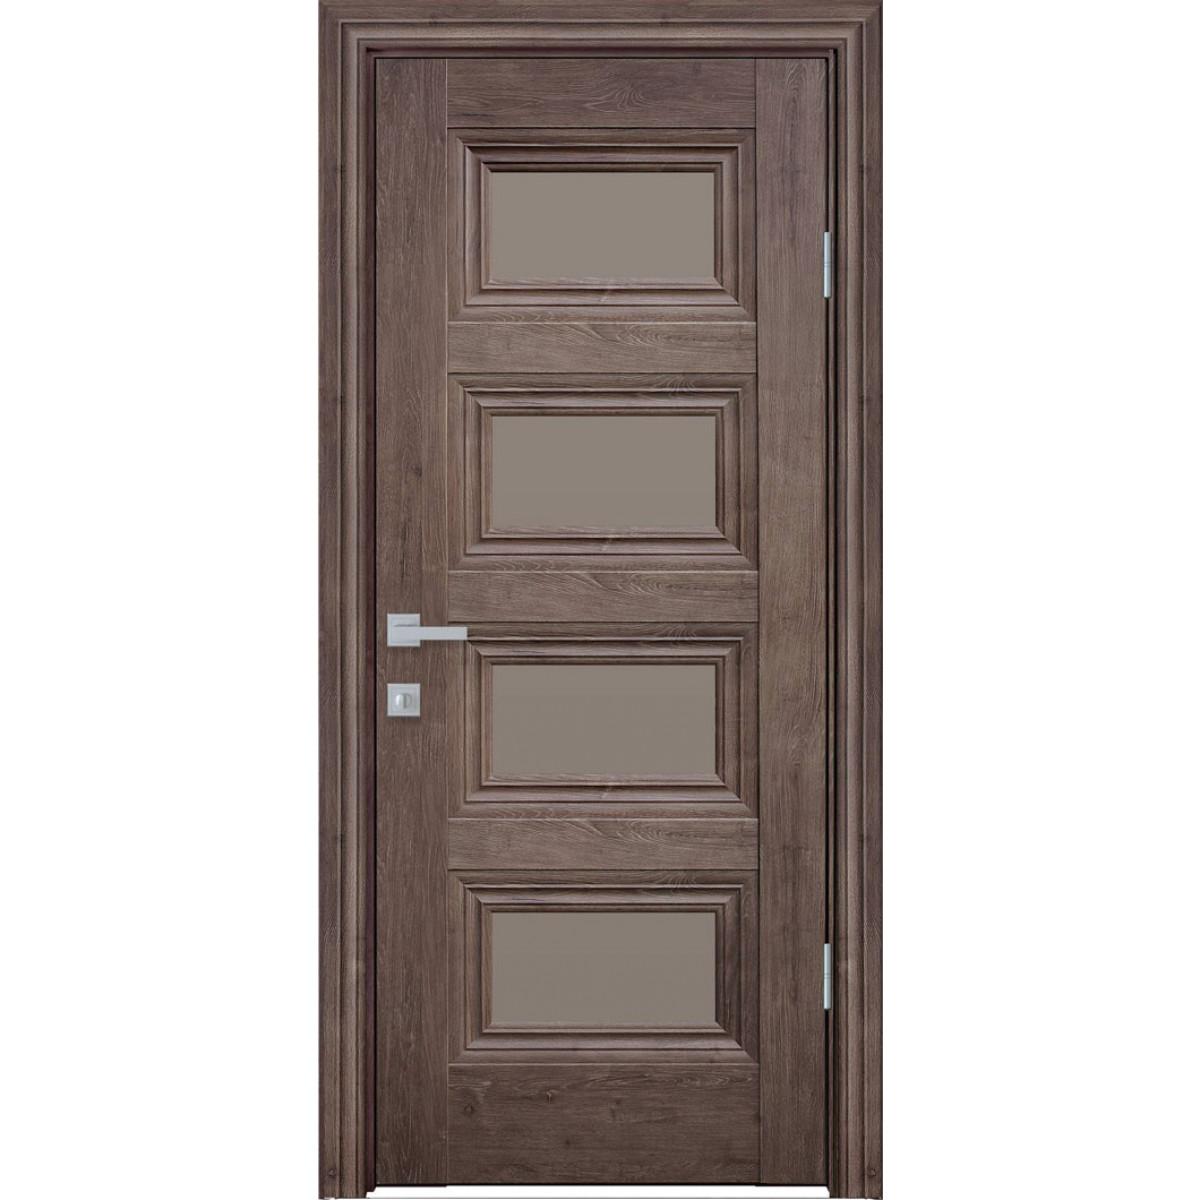 Межкомнатная дверь Тесса со стеклом ЭкоВуд Новый стиль